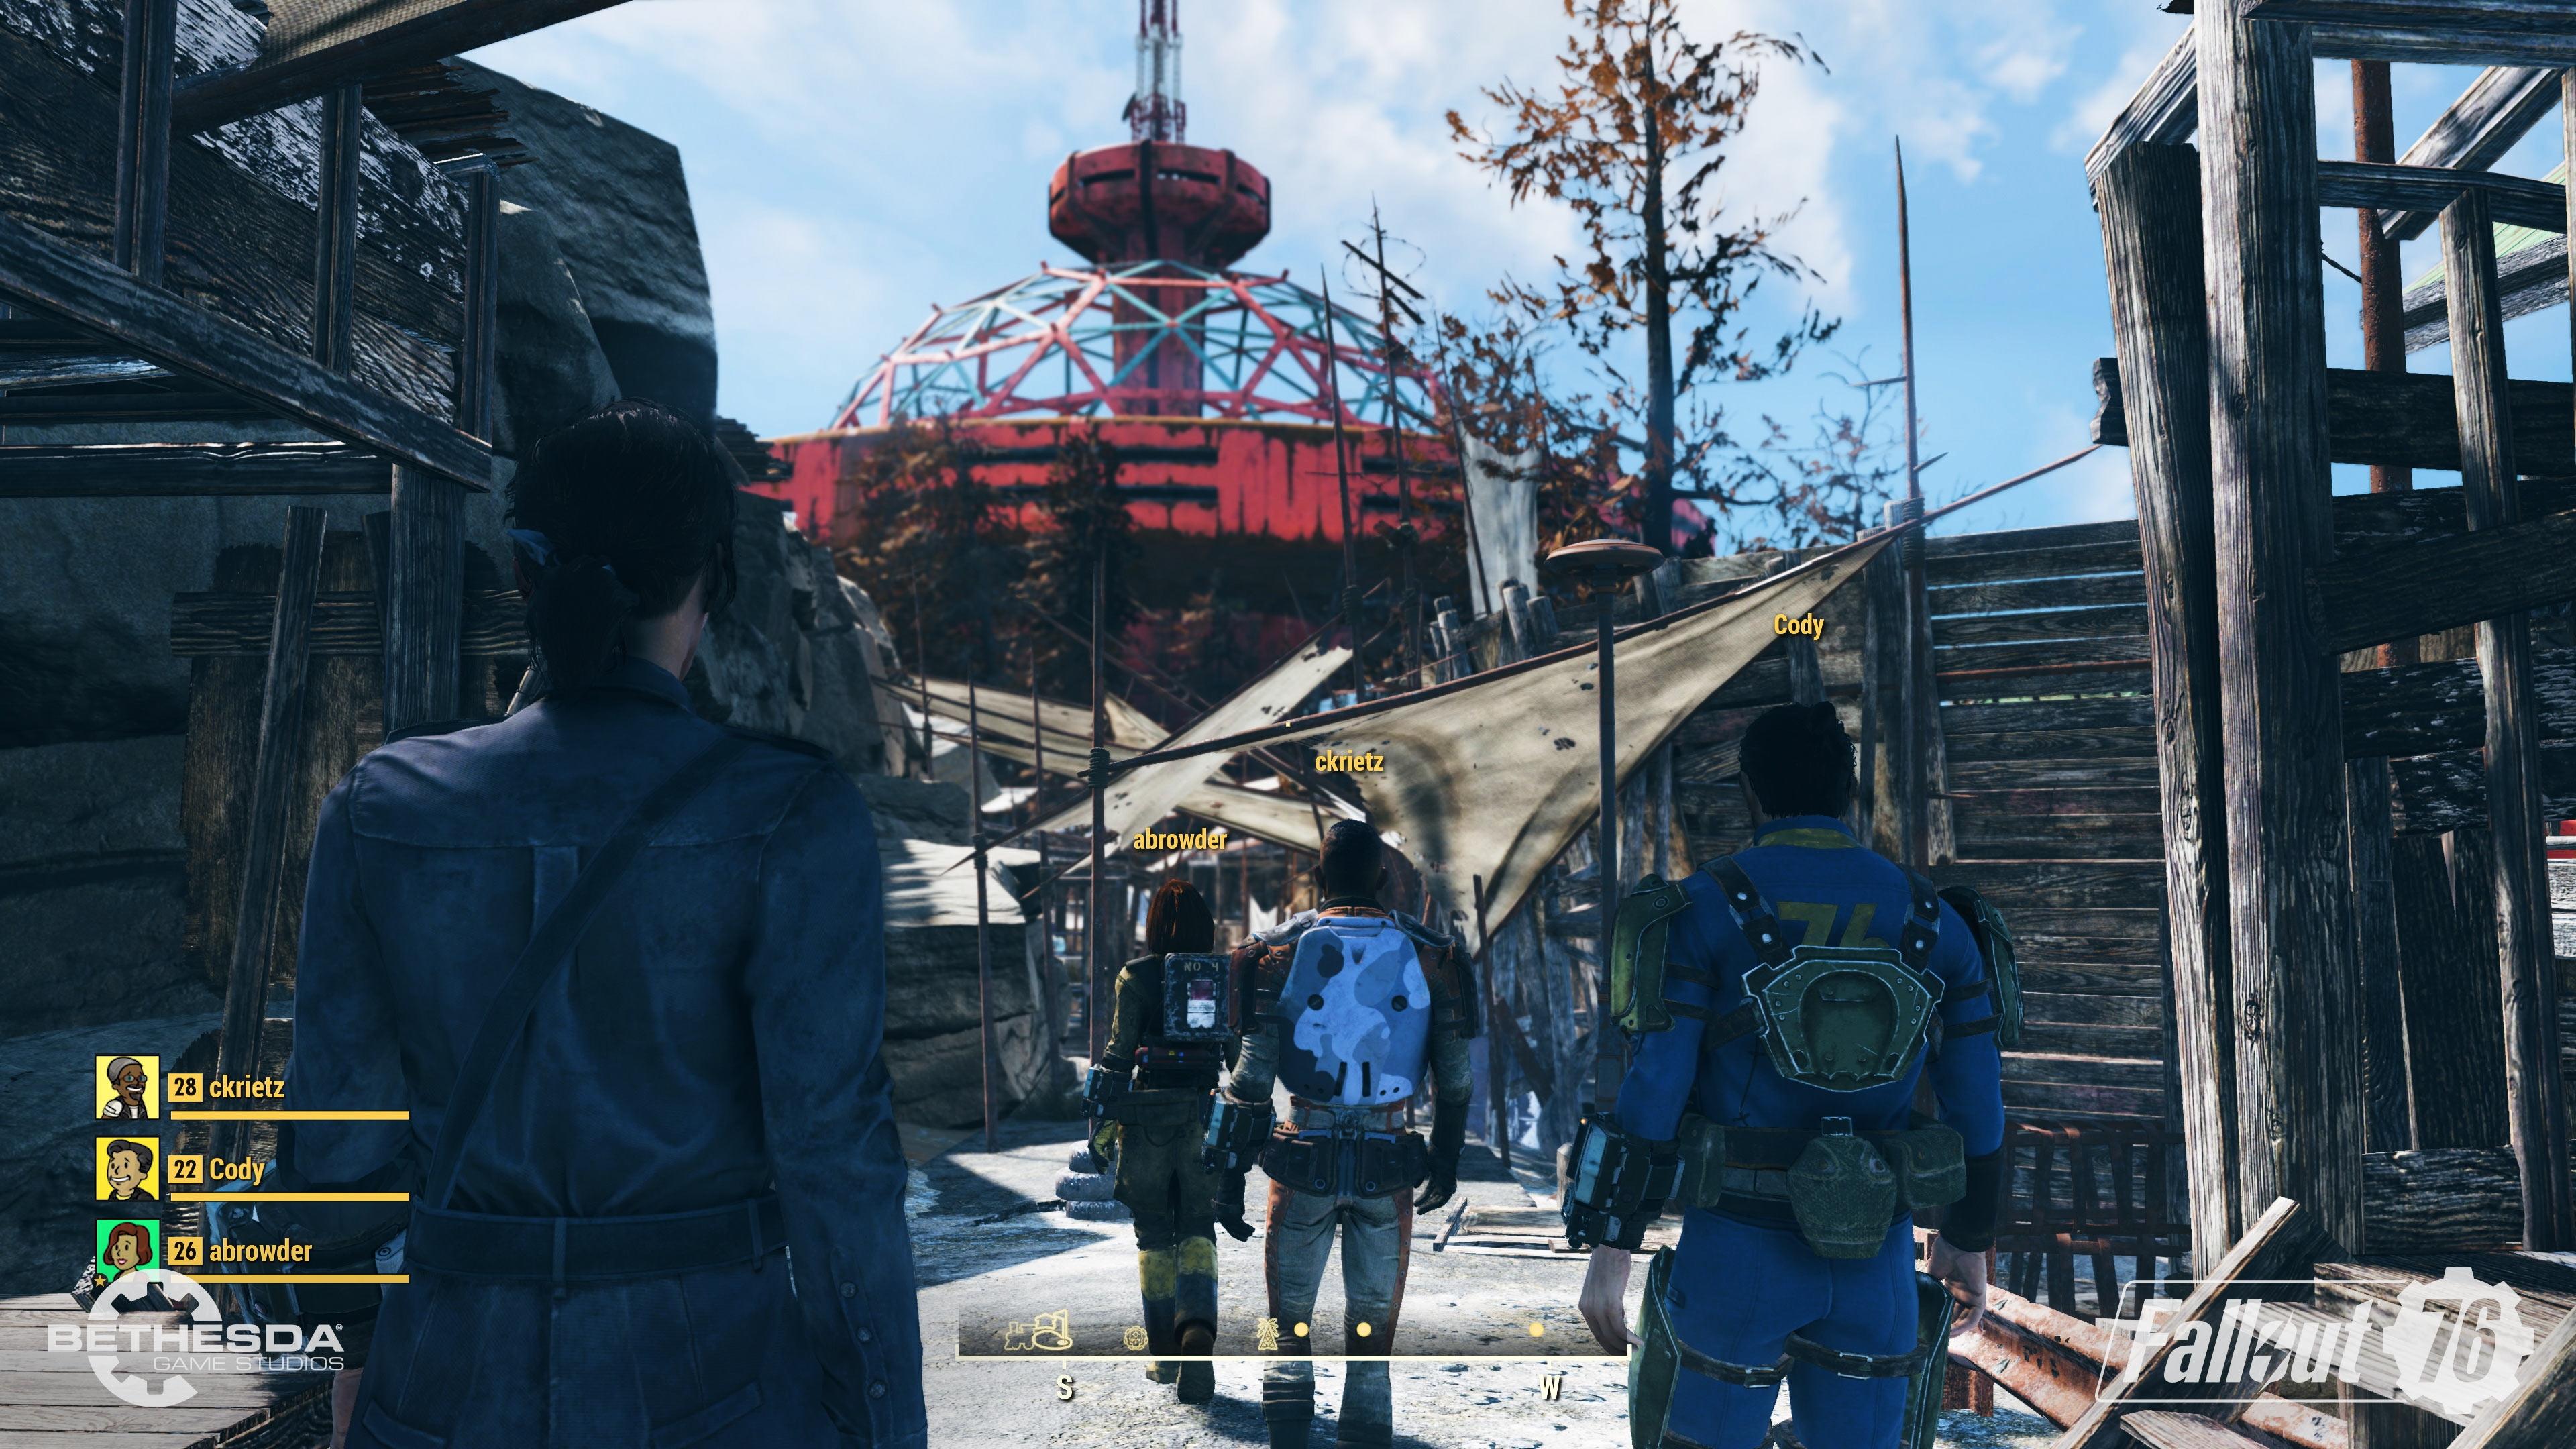 Картинки по запросу Fallout 76